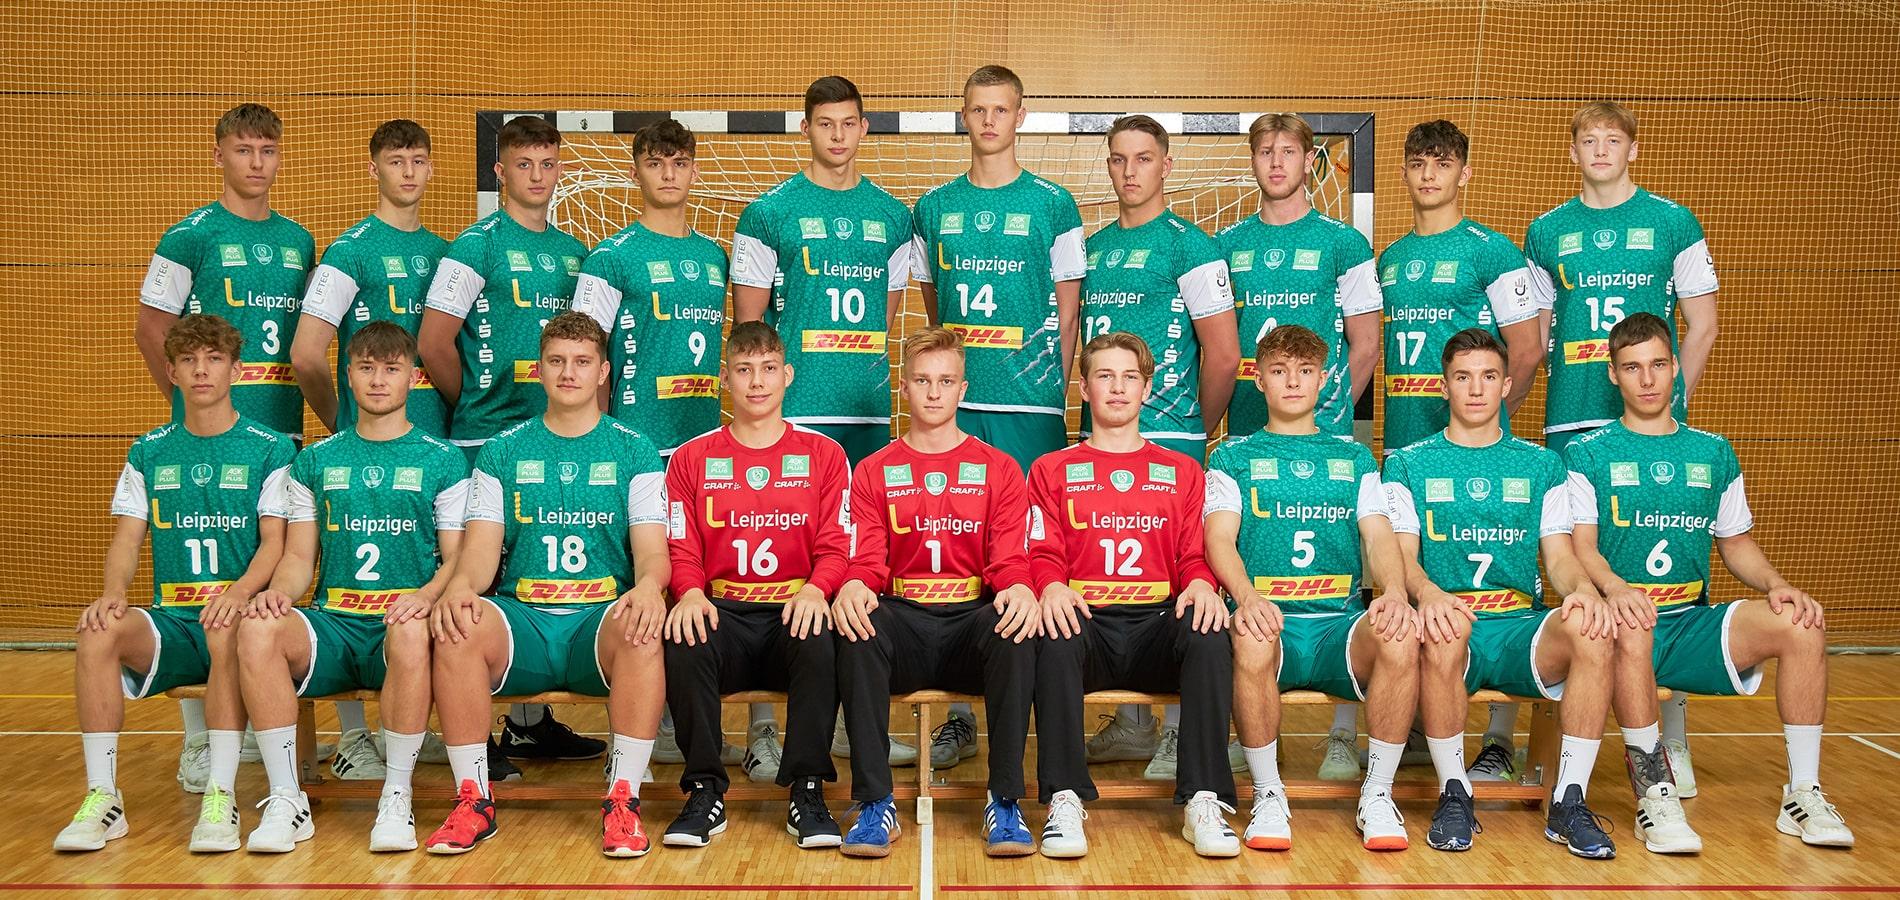 Das Team der A-Jugend